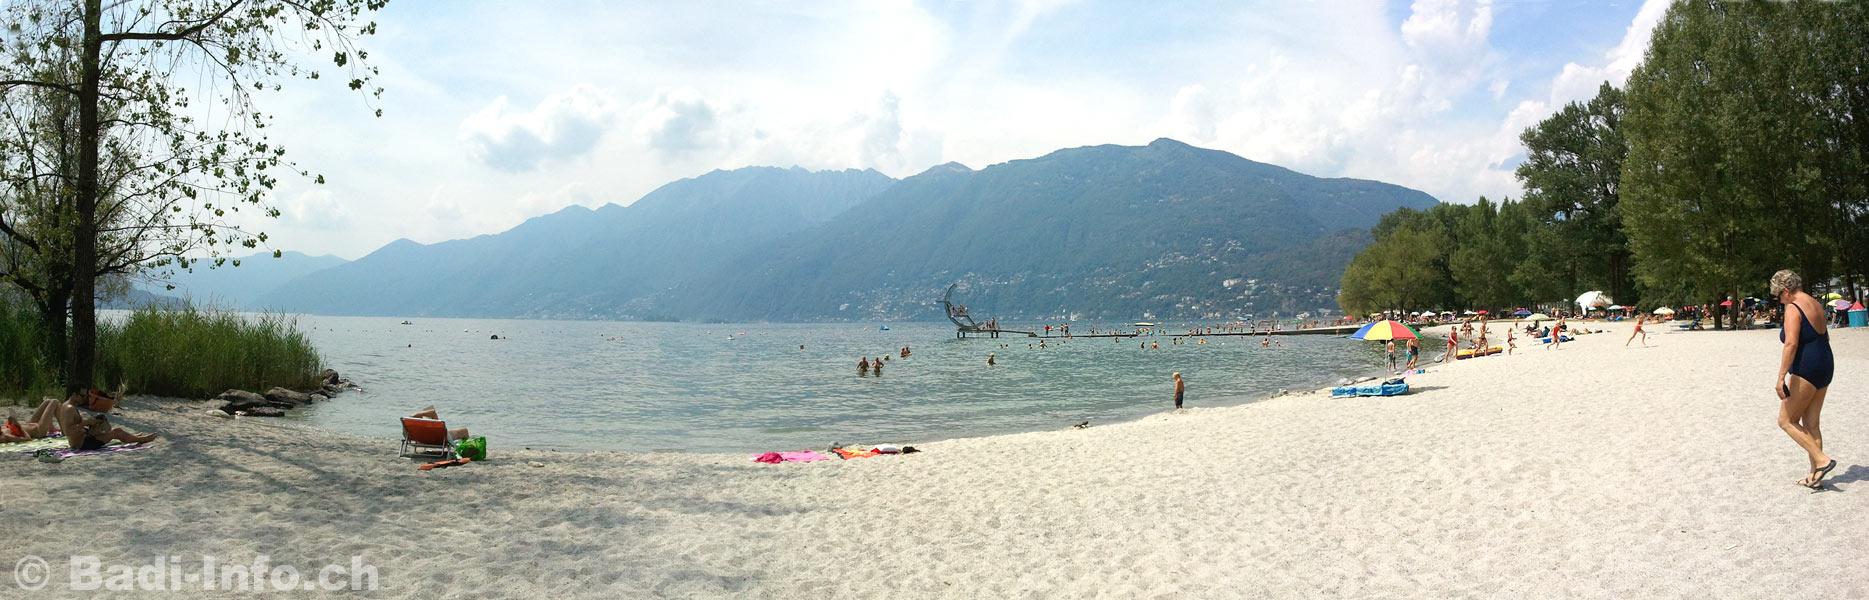 Lido di Ascona